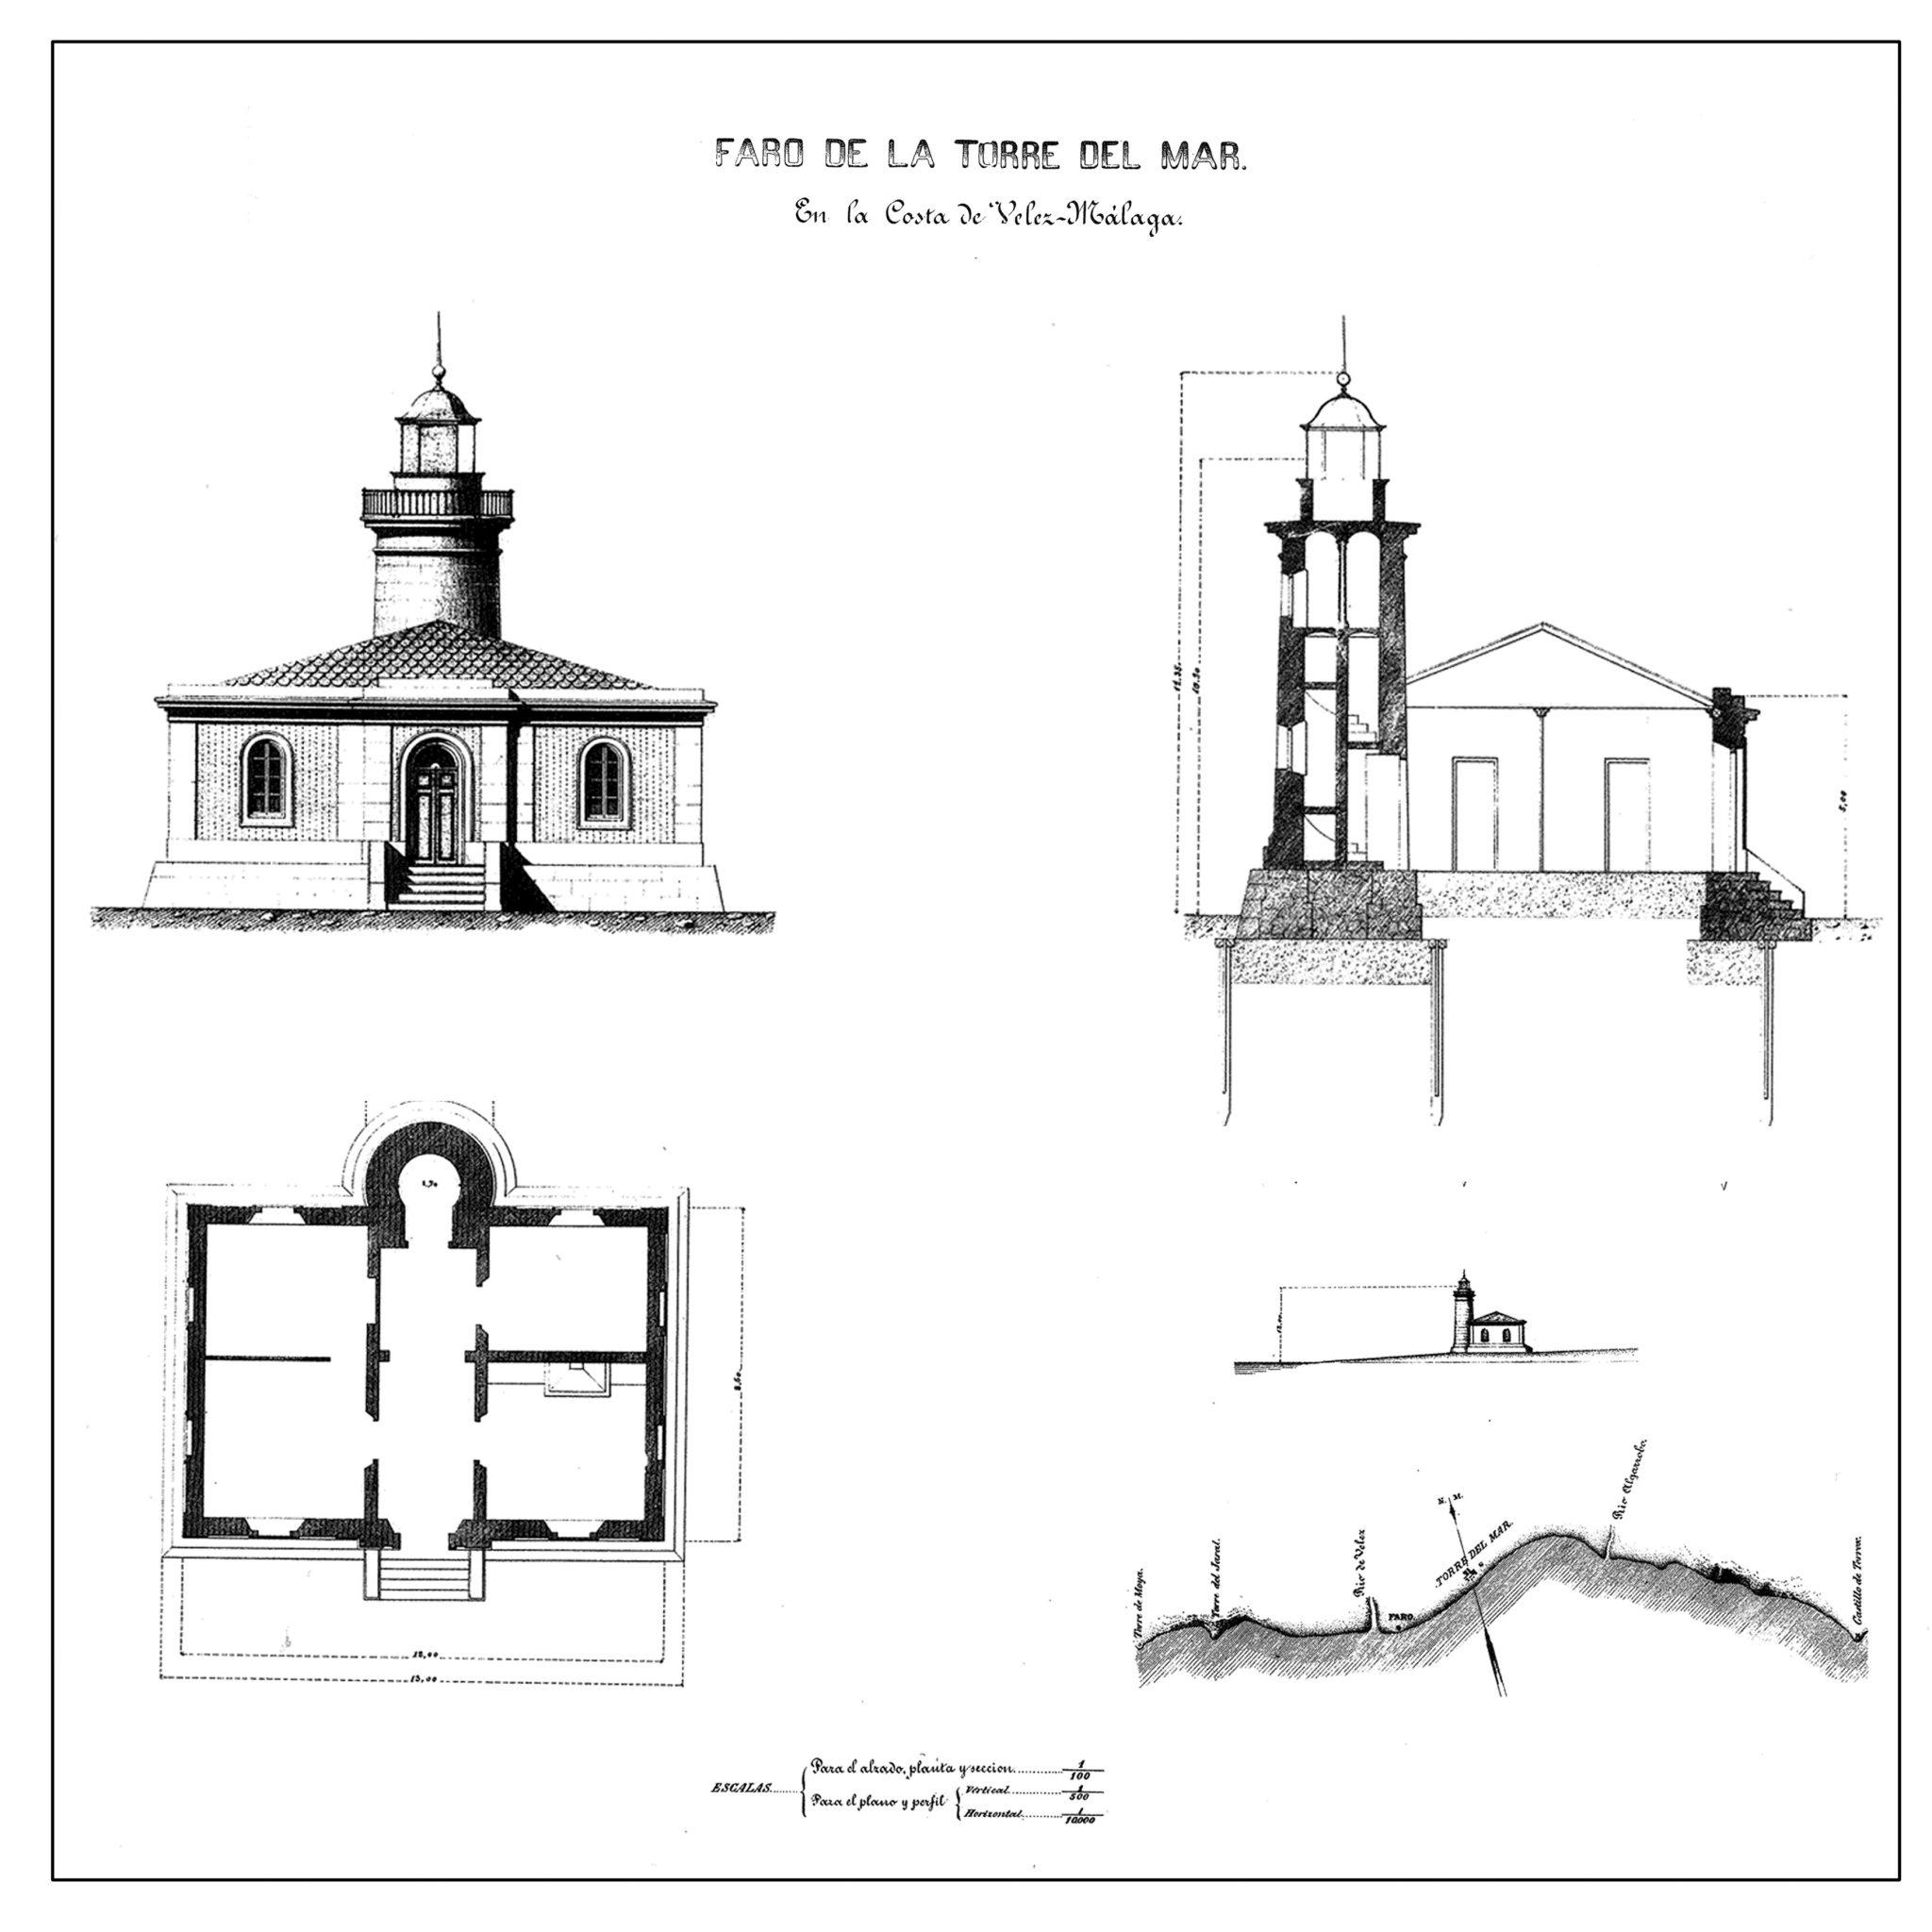 Planos originales del faro.